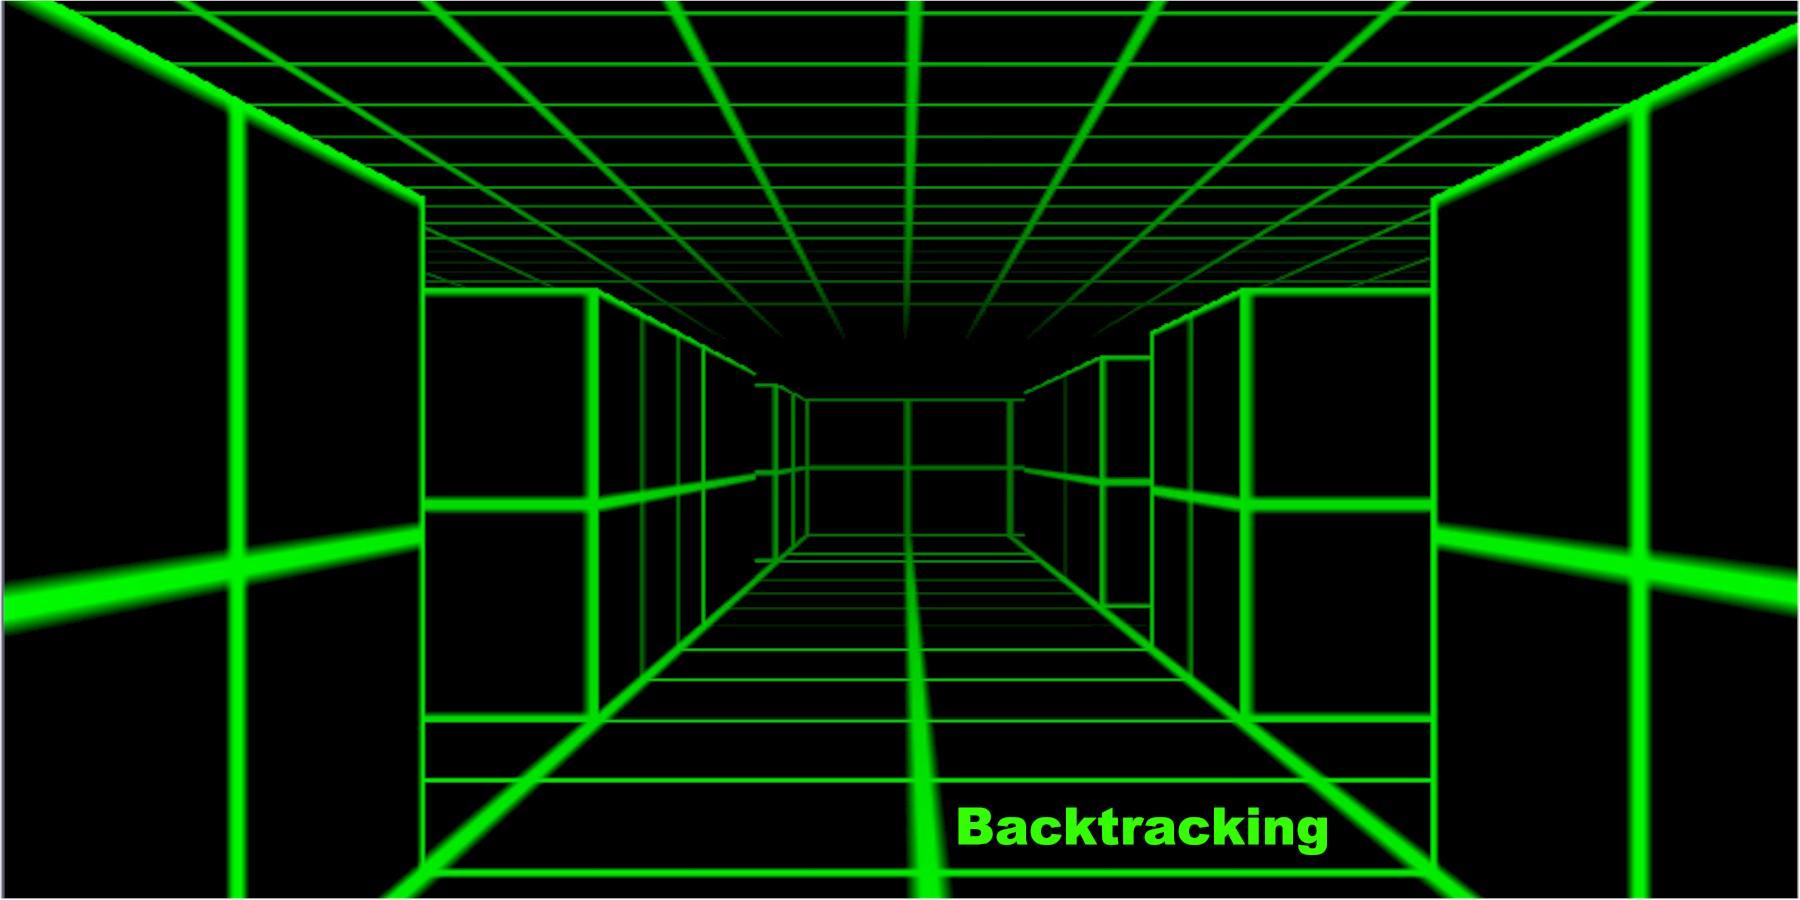 Backtracking 05